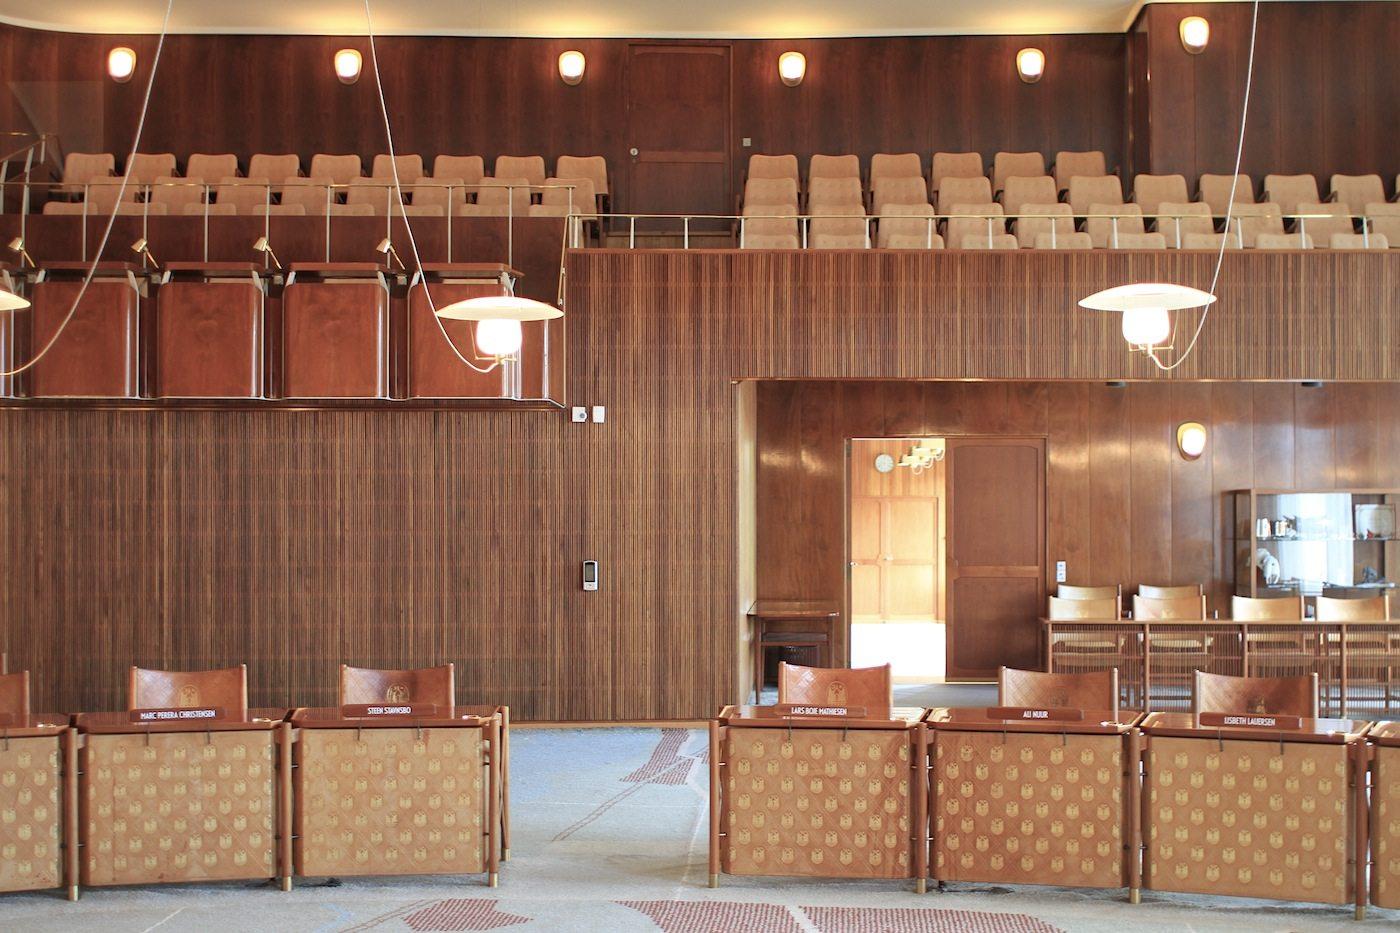 Die Öffentlichkeit.  Gegenüber dem Rund der Ratsmitglieder sind erhöht und links die Plätze für die Medienvertreter, dahinter die Sitze für Zuschauer.